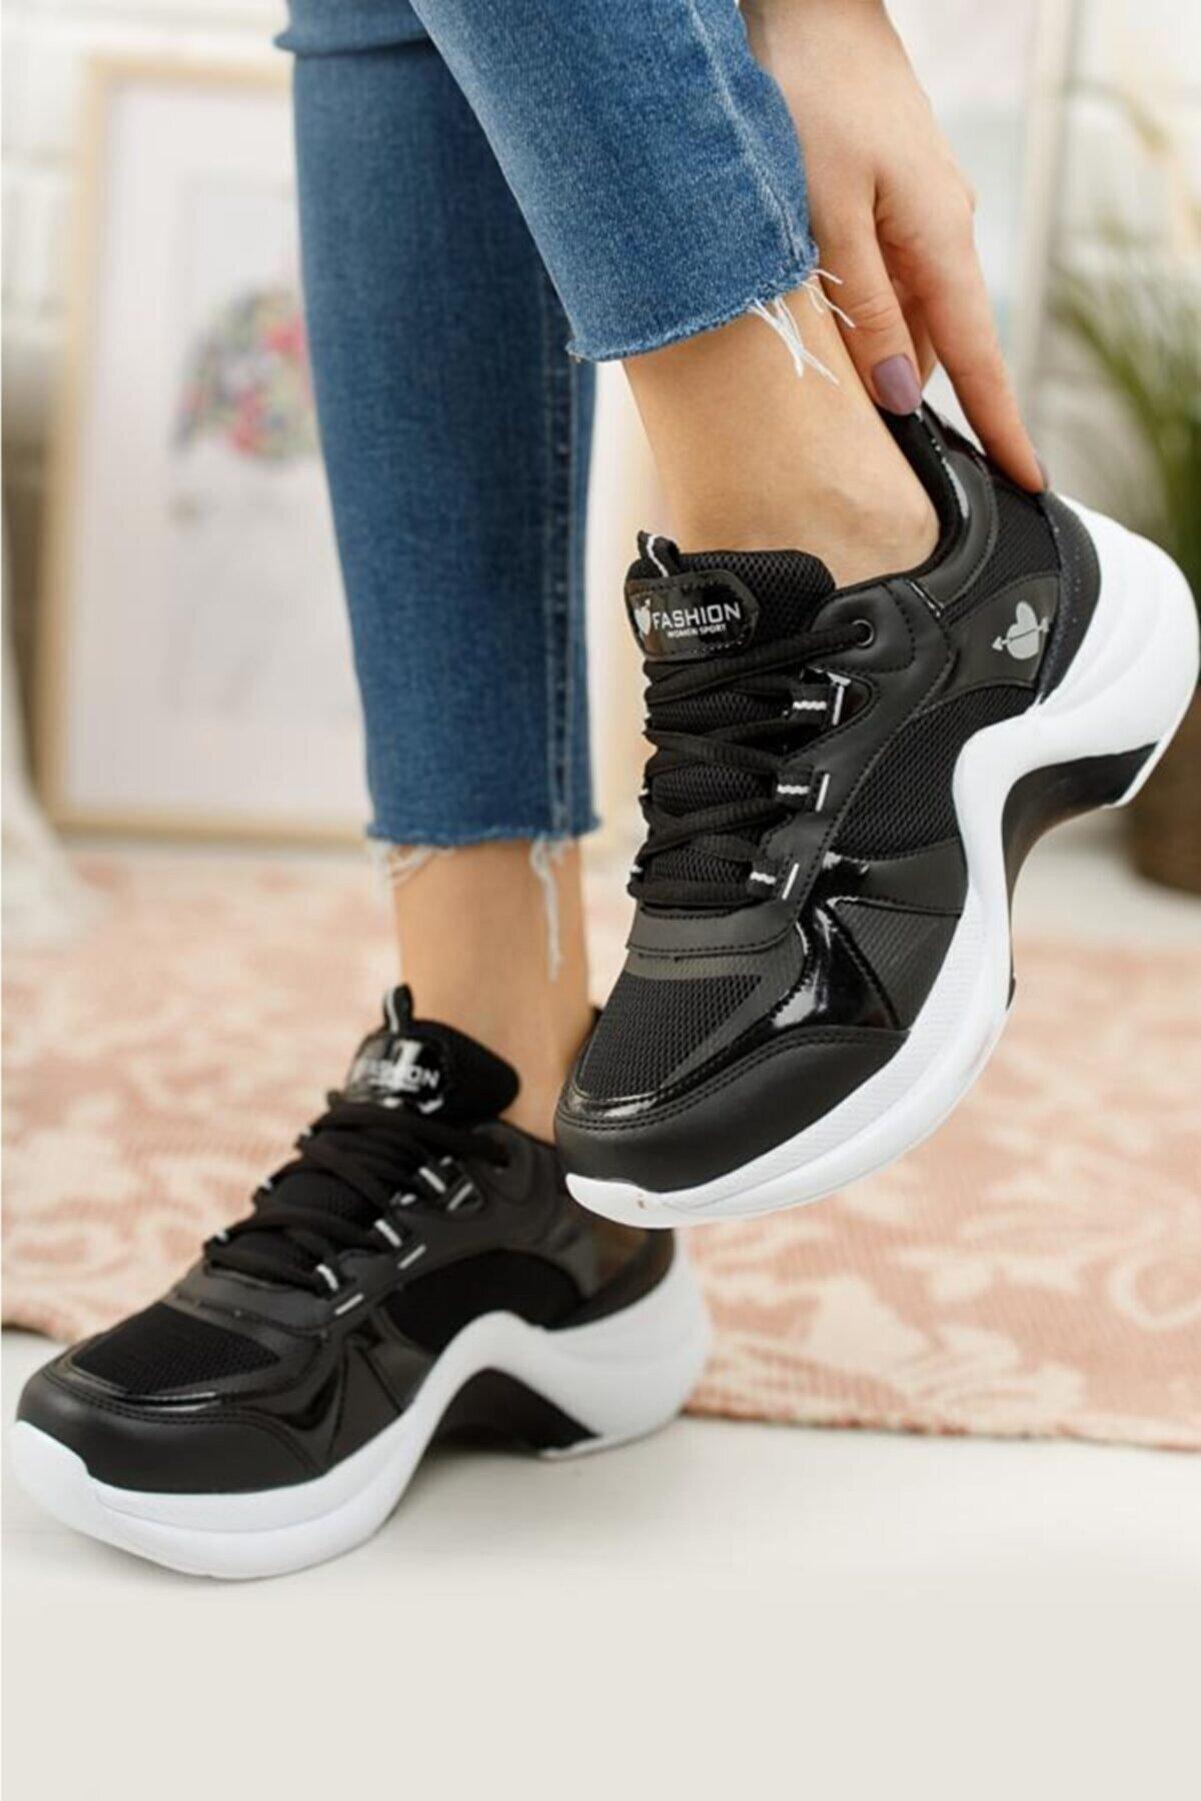 Moda Frato Twn-601 Kadın Spor Ayakkabı Yürüyüş Aayakkabısı